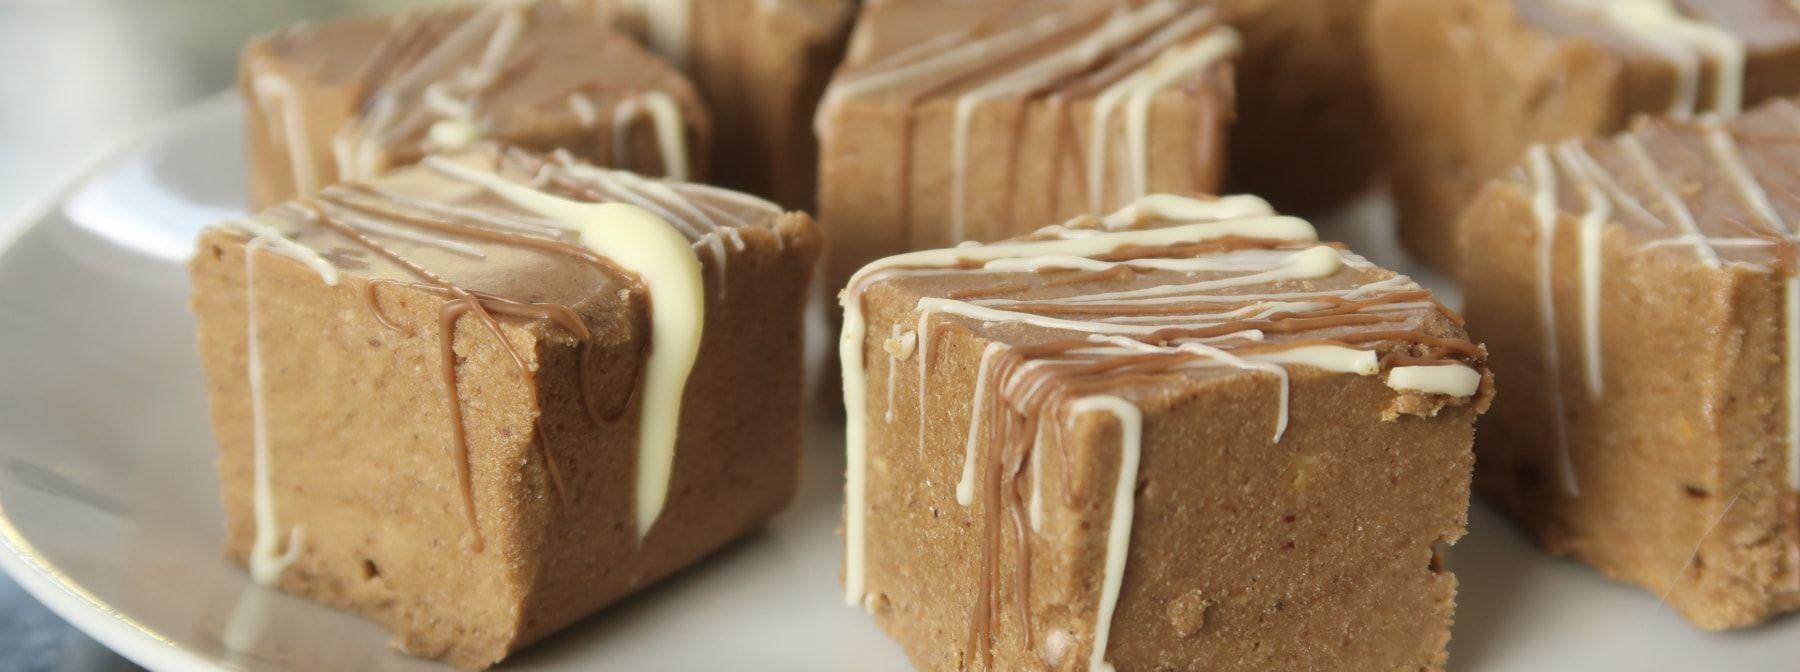 Gesundes Schokoladen Fudge Rezept | Zuckerarm & Proteinreich